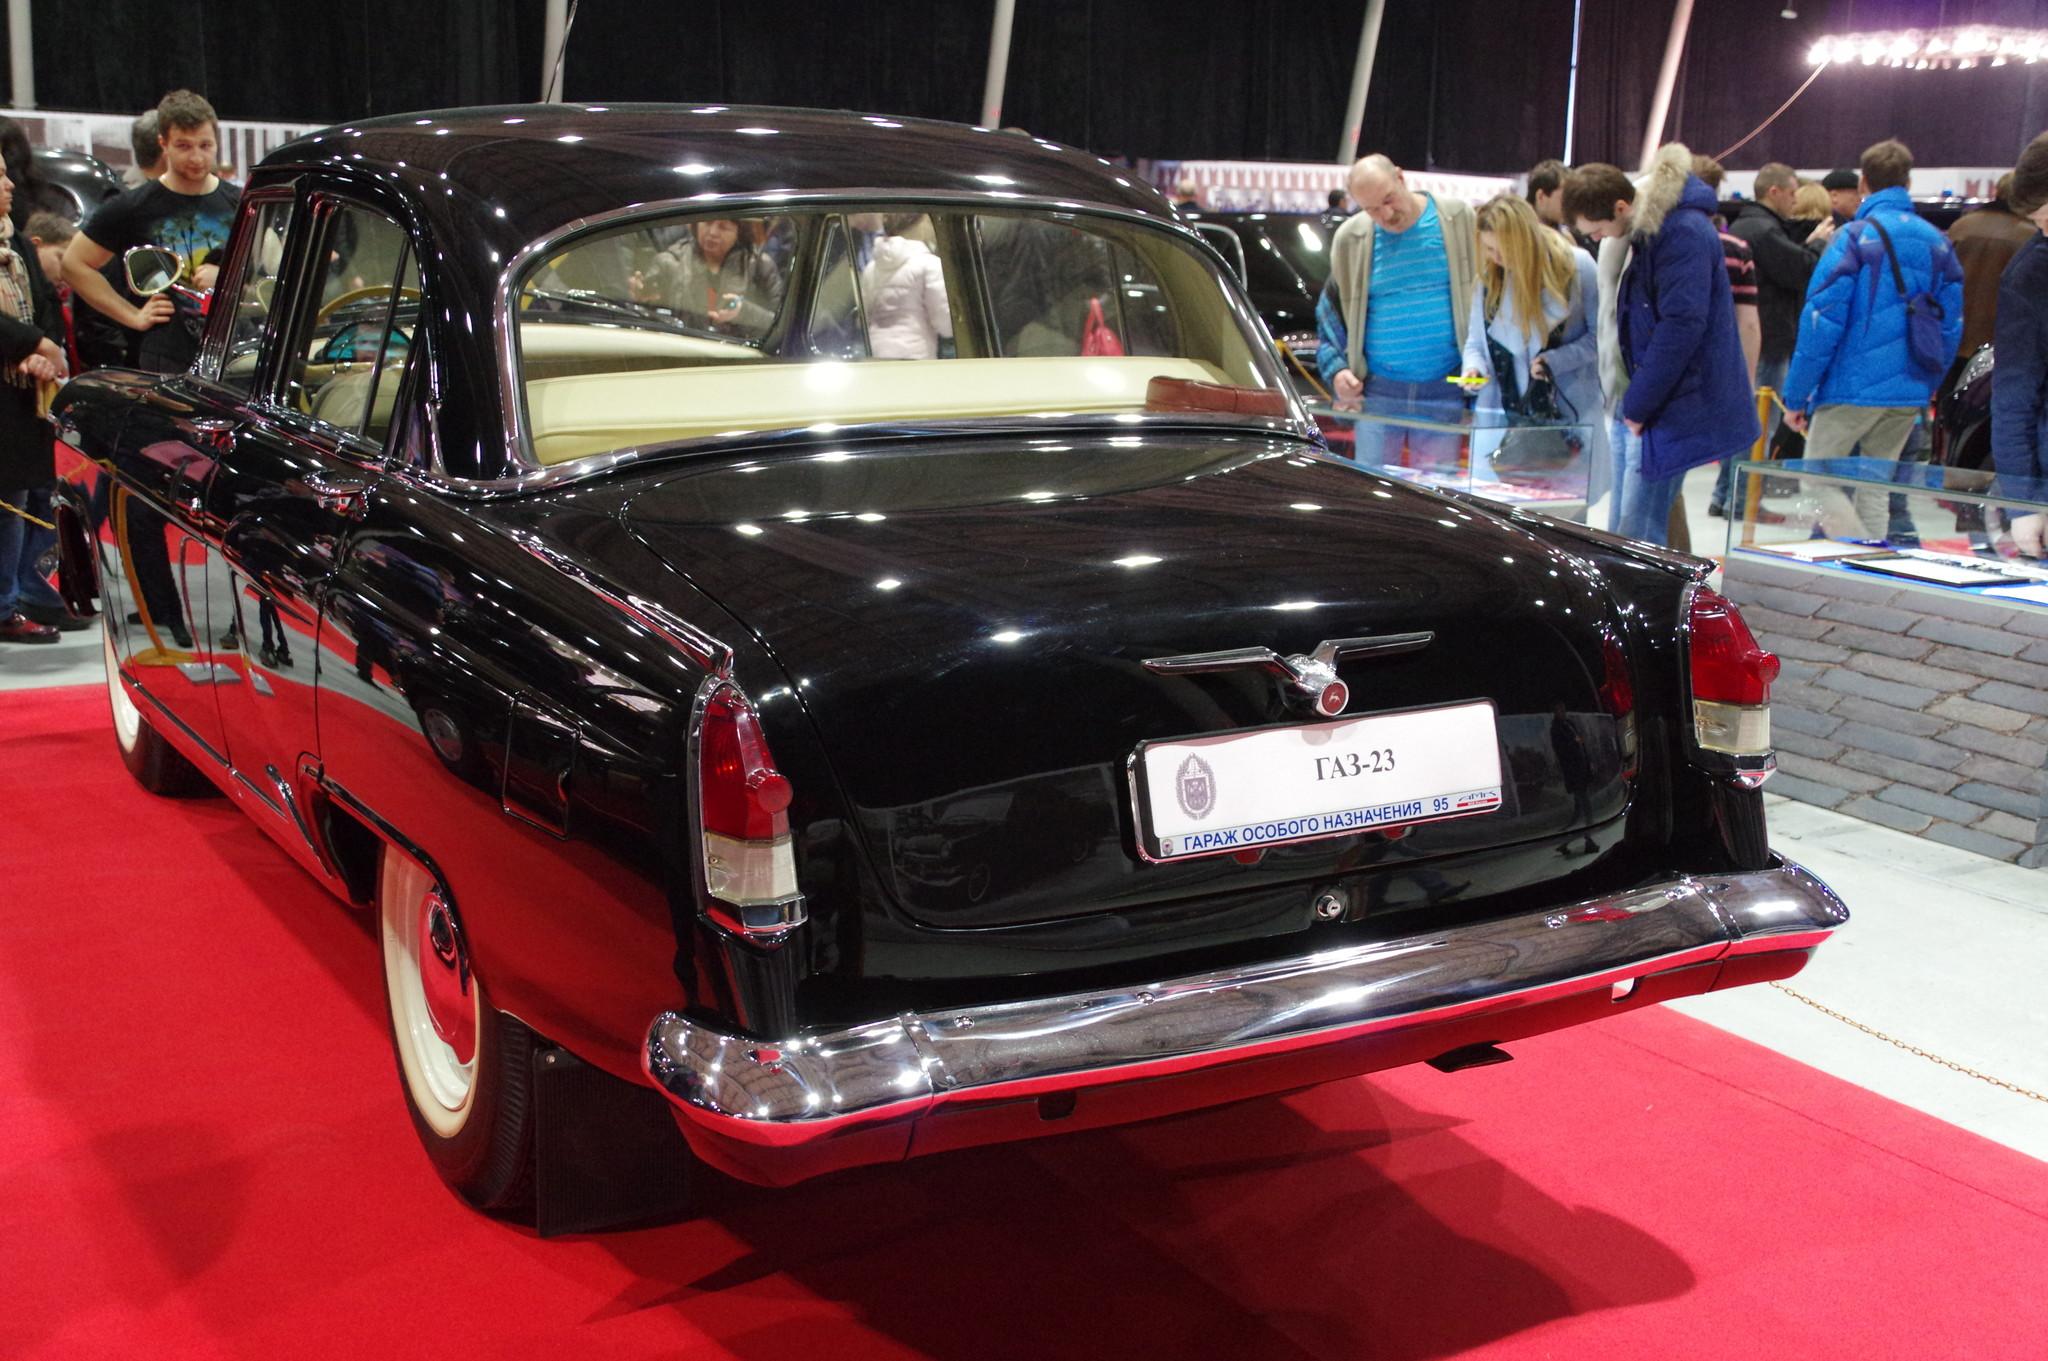 Автомобиль ГАЗ-23 «Волга»